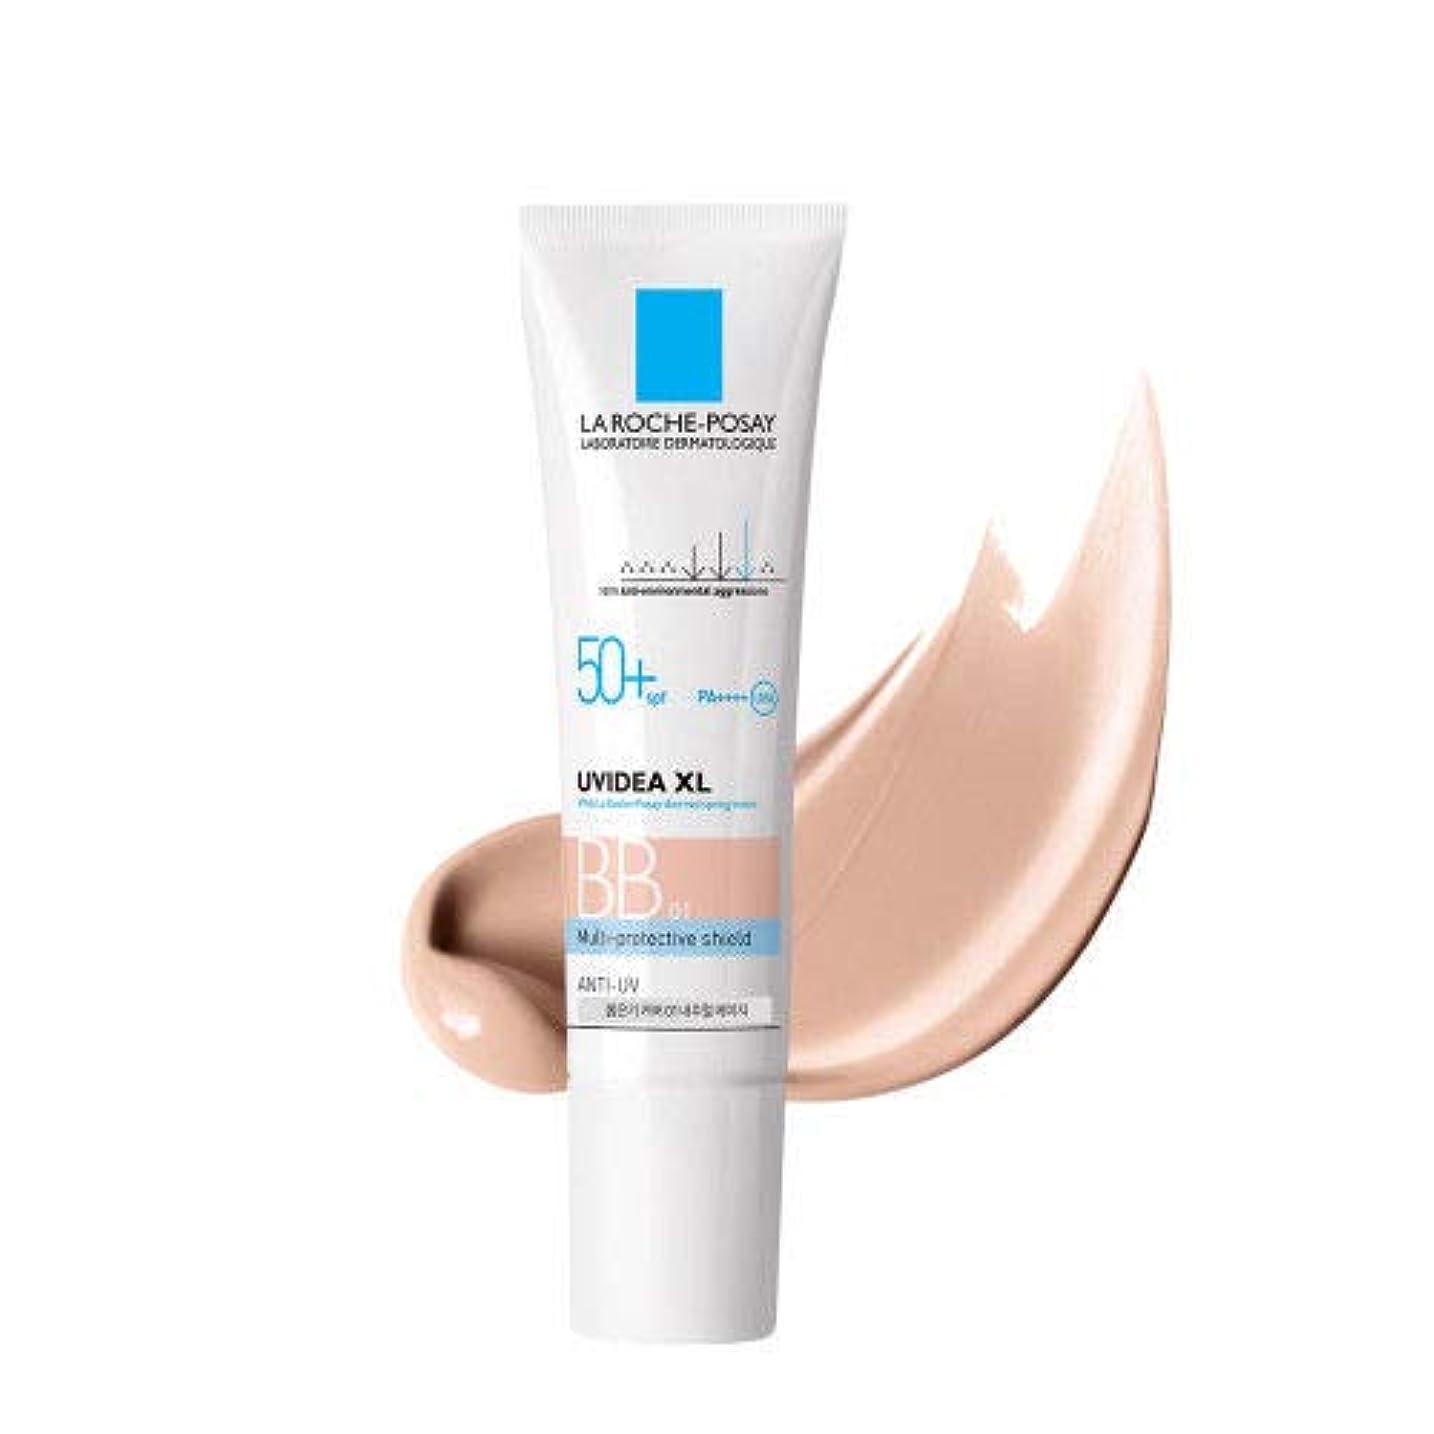 リファイン政令荷物La Roche-Posay ラロッシュポゼ UVイデア XL プロテクションBB(01ライト) Uvidea XL BB Cream - #01 (30ml) SPF50+ PA++++